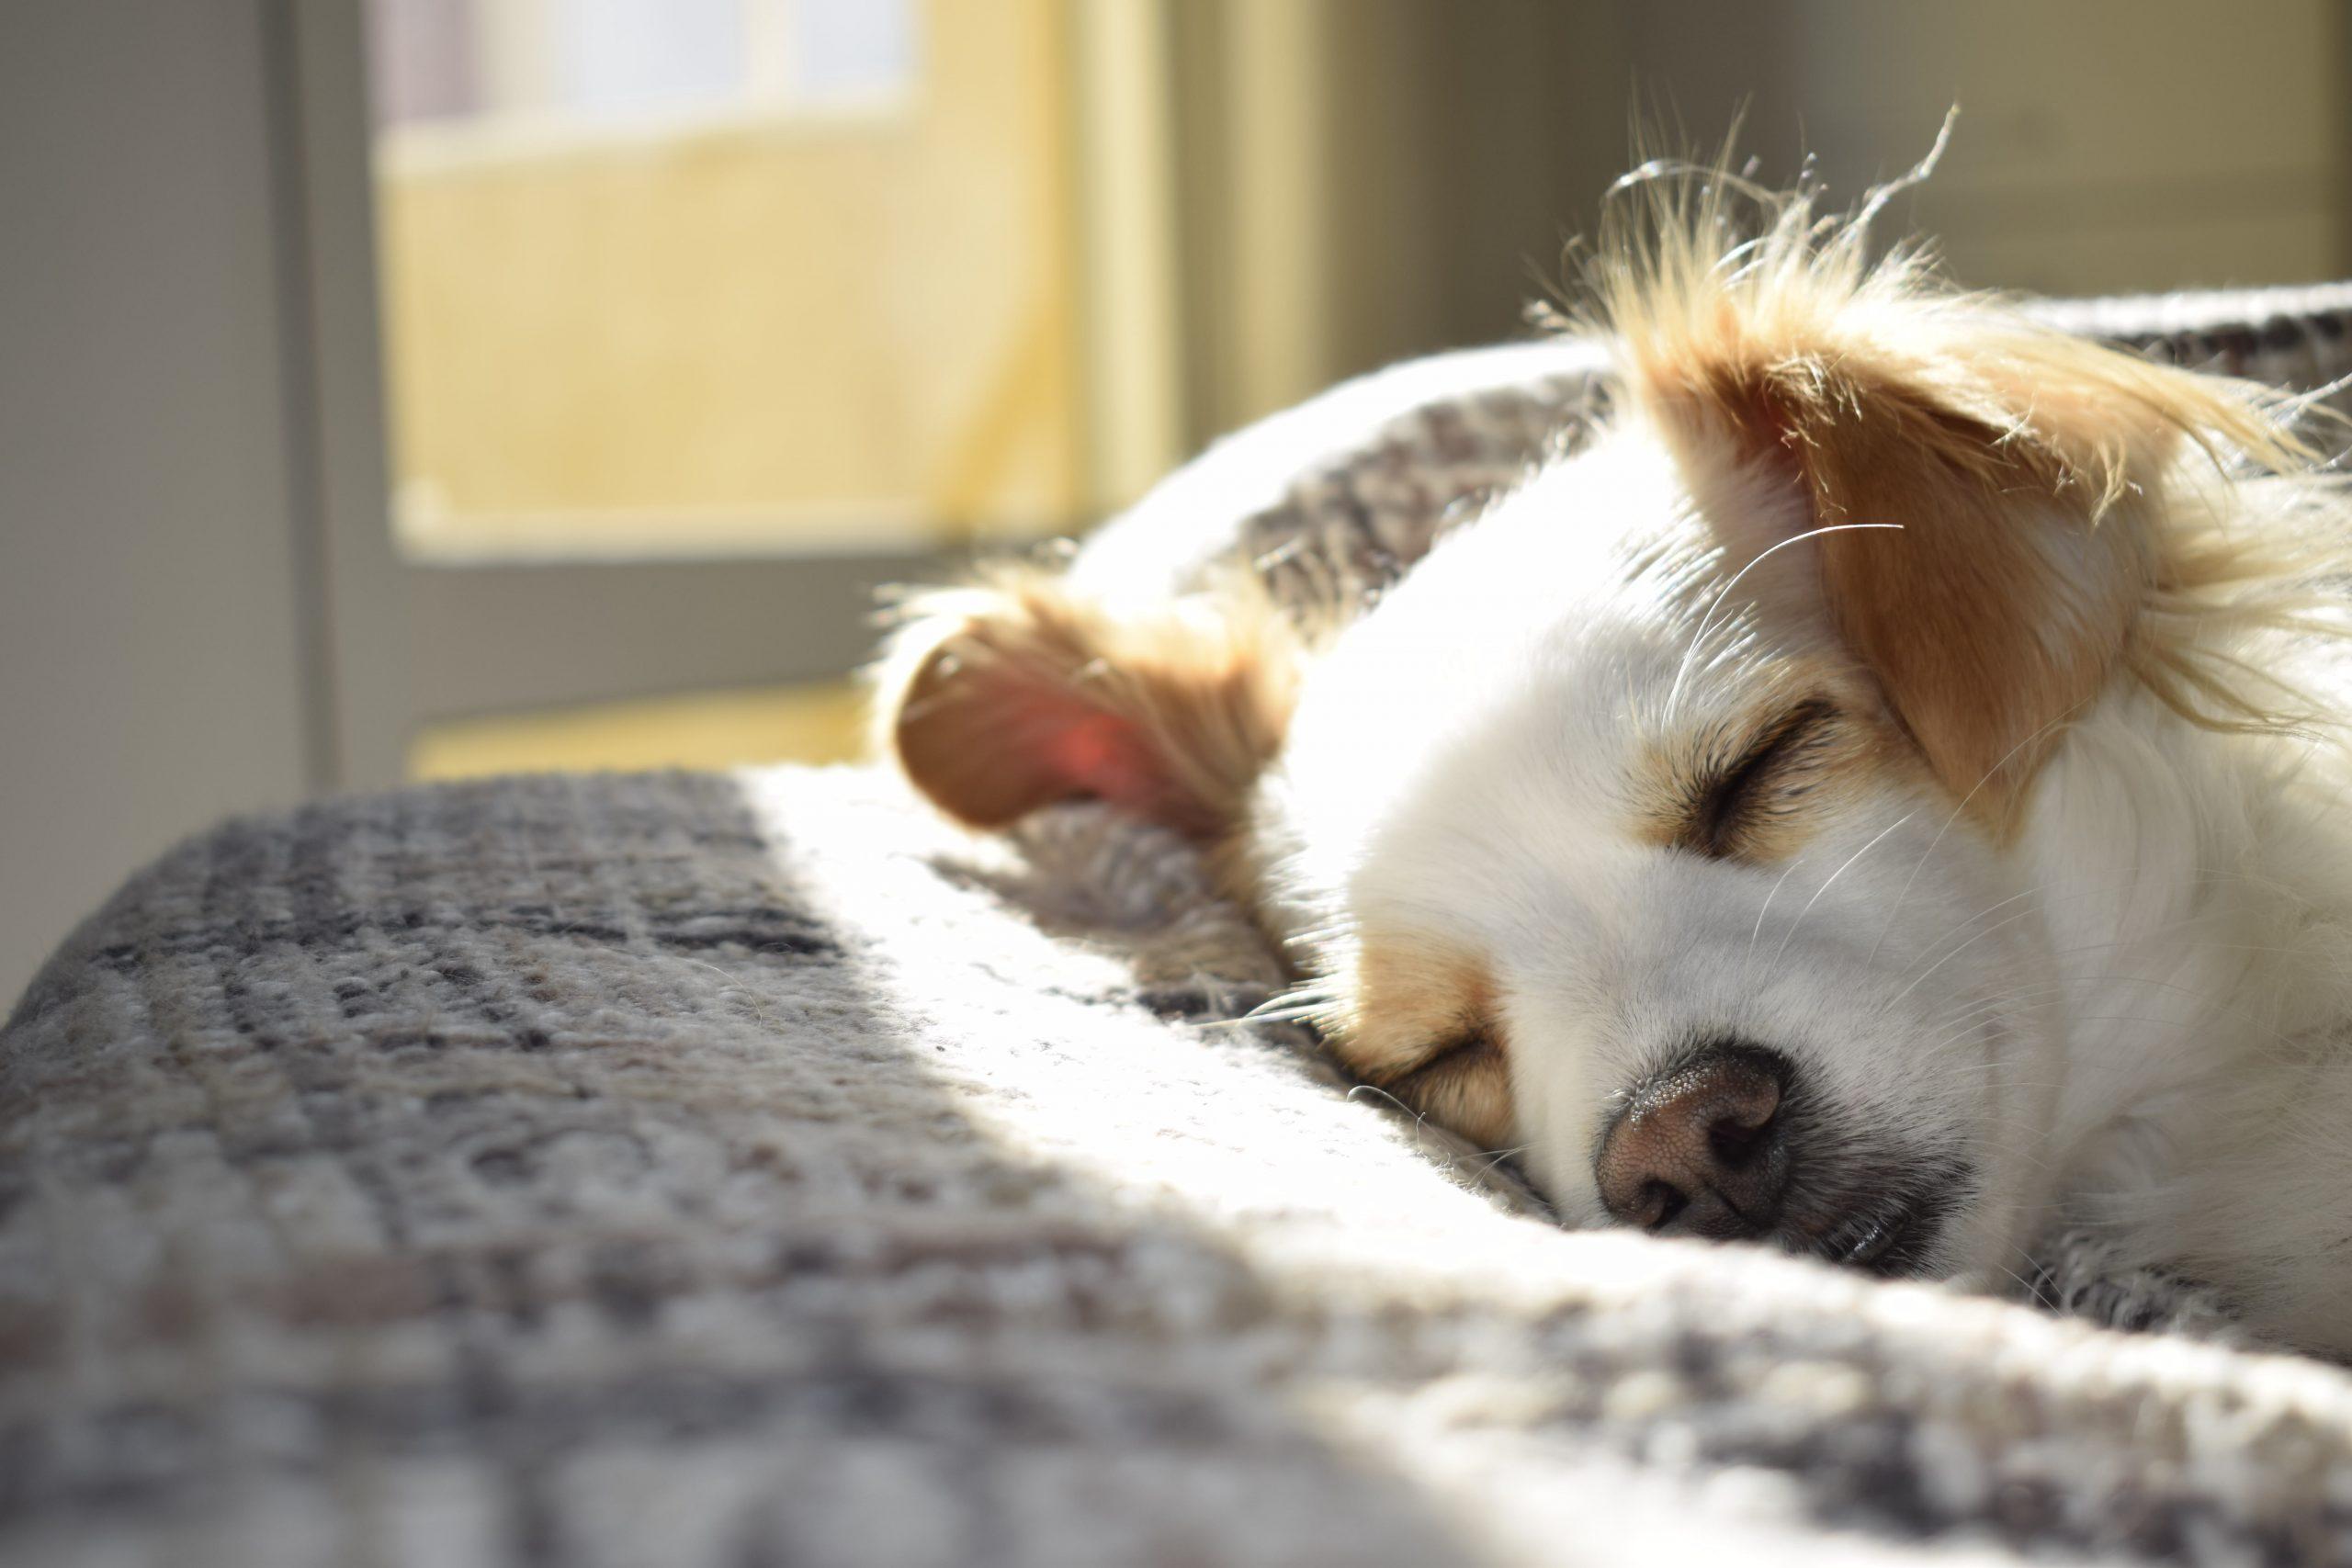 Cómo evitar pelos y suciedad del perro en la casa